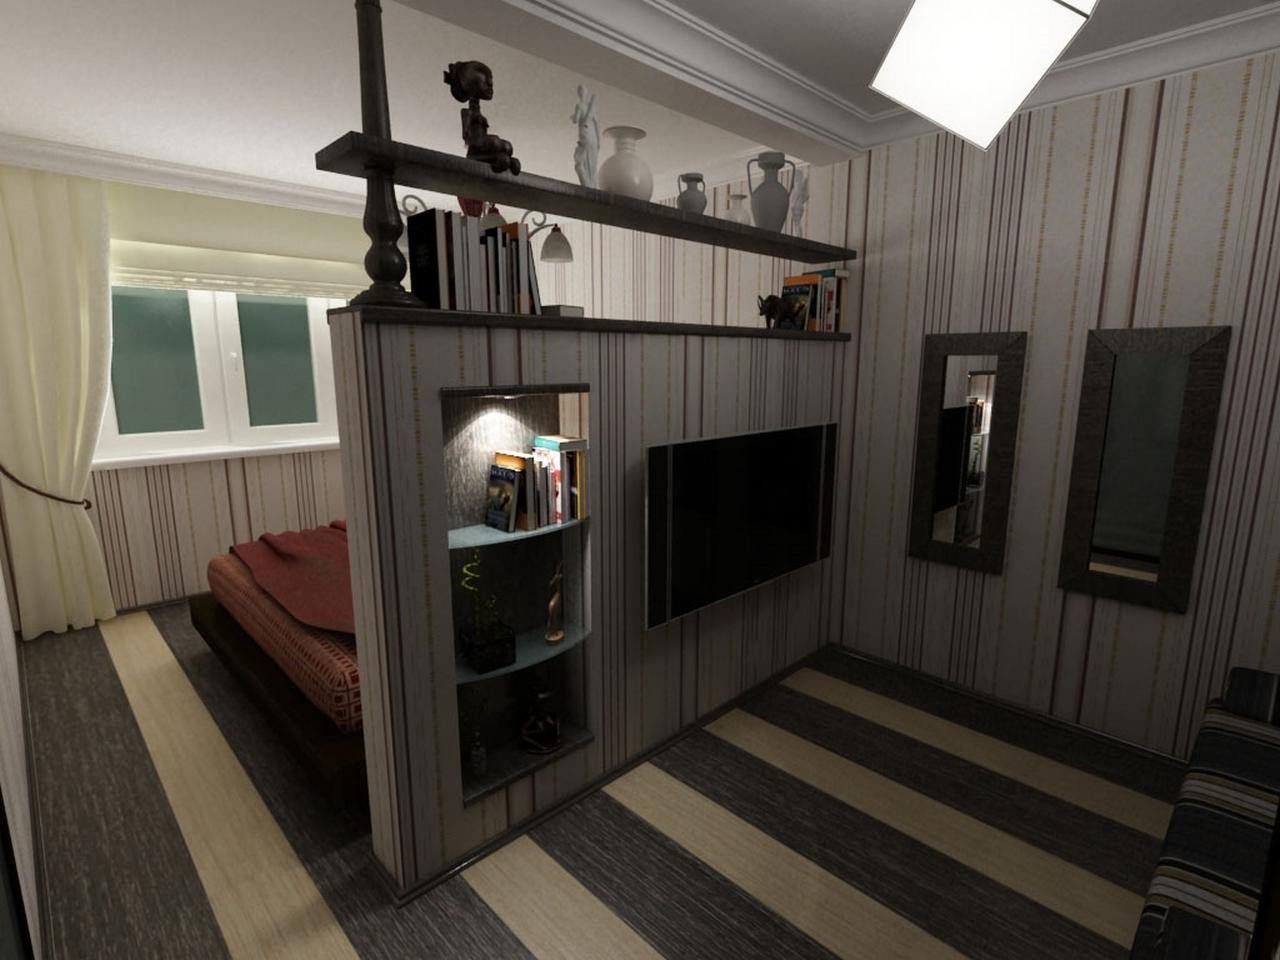 Капитальный ремонт квартир, цены на ремонт за квадратный